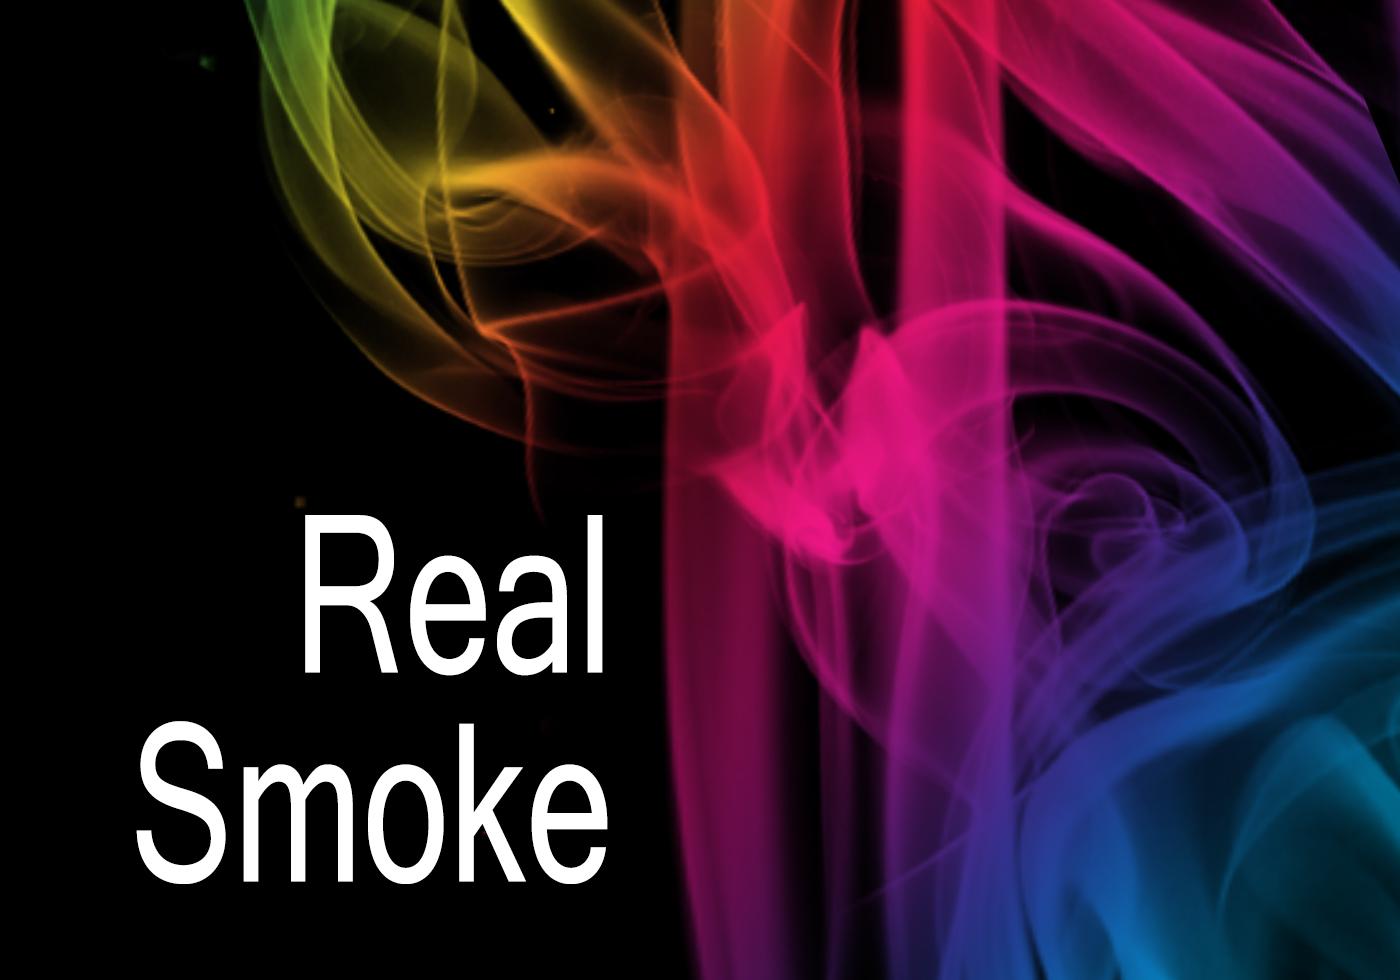 61 Photoshop Smoke Effect Brushes